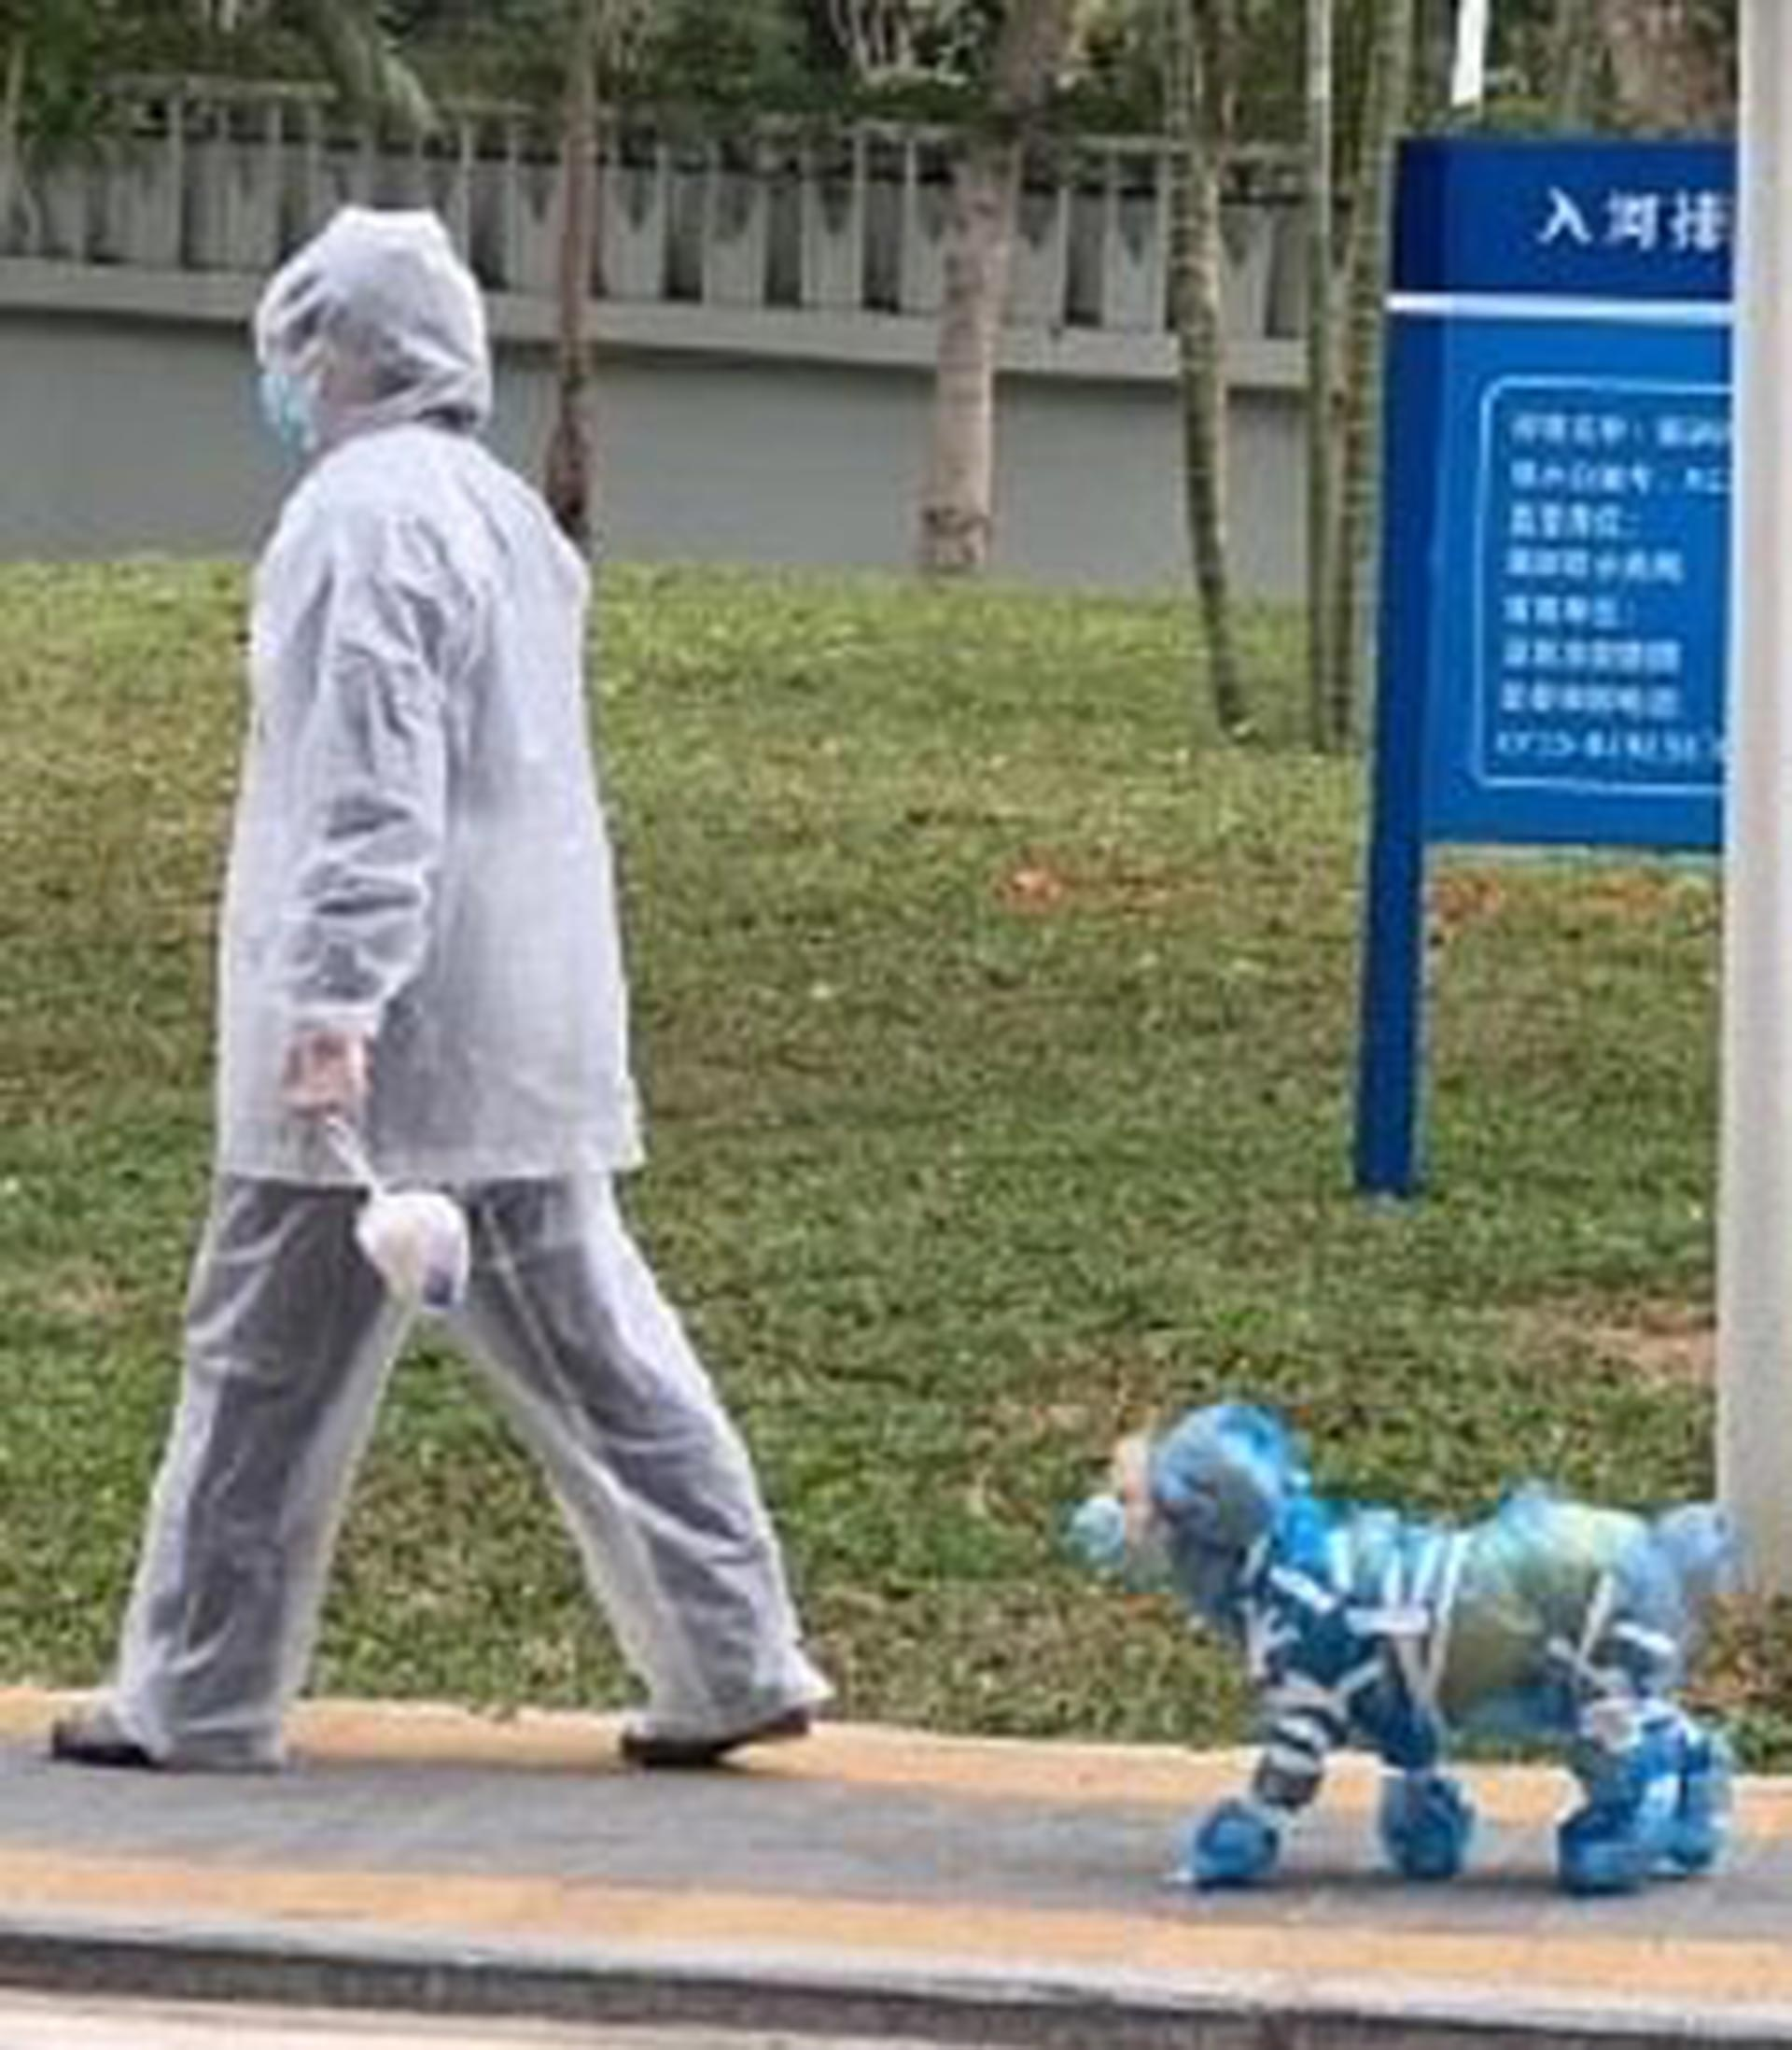 En los últimos días se han dado numerosos casos de abandono de mascotas, según la prensa local, y en redes sociales algunos afirman que en ciudades como Tianjin (norte) o Shanghái (este) algunas personas han matado a sus mascotas lanzándolas desde la terraza de sus hogares, aunque ninguna institución oficial ha confirmado tal extremo por ahora